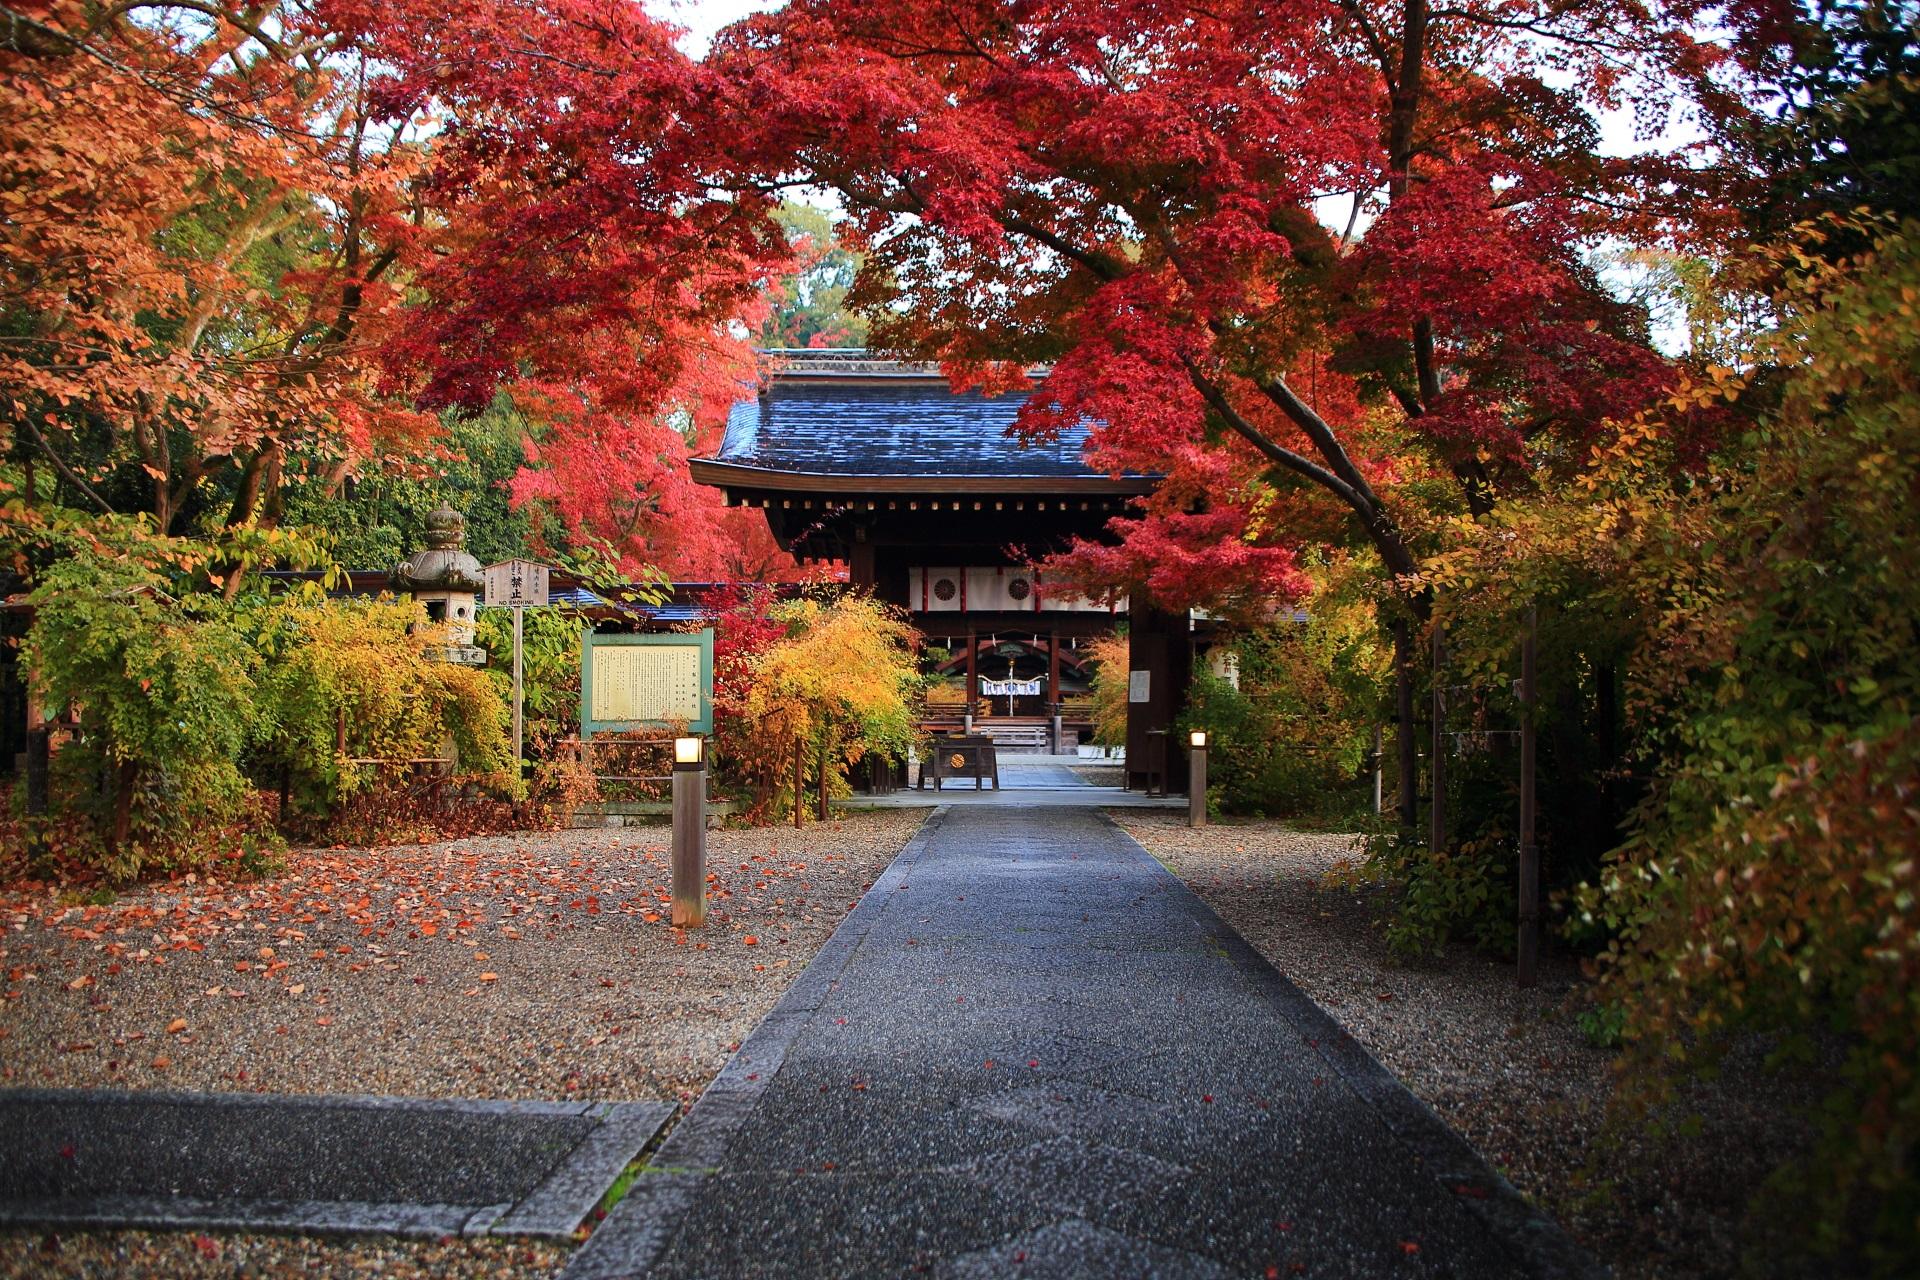 梨木神社の神門付近の紅葉や色づいた萩